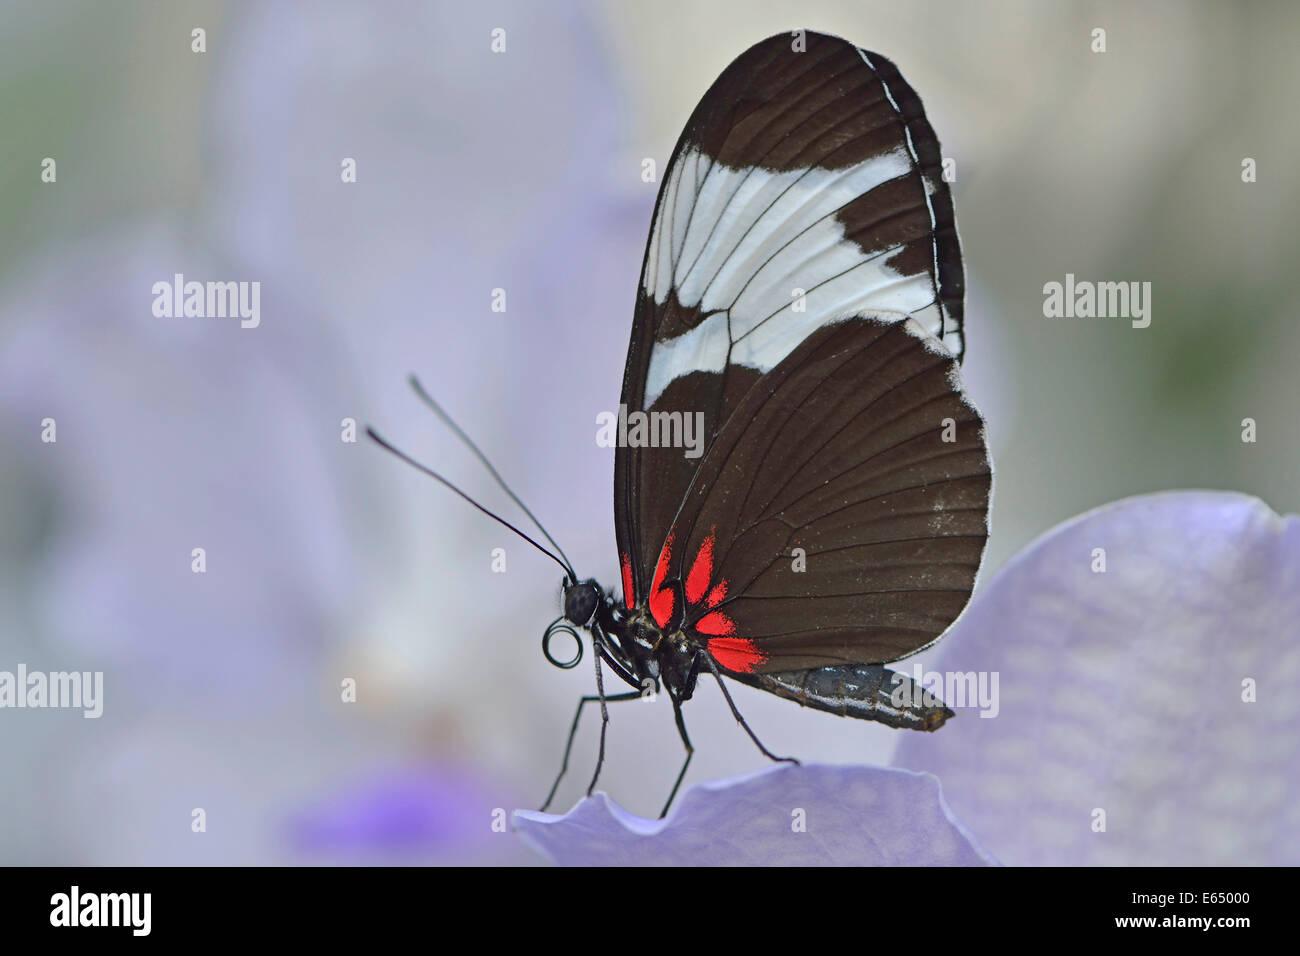 Sapho Longwing (Heliconius sapho), State Garden Show, Papenburg, Emsland, Lower Saxony, Germany - Stock Image